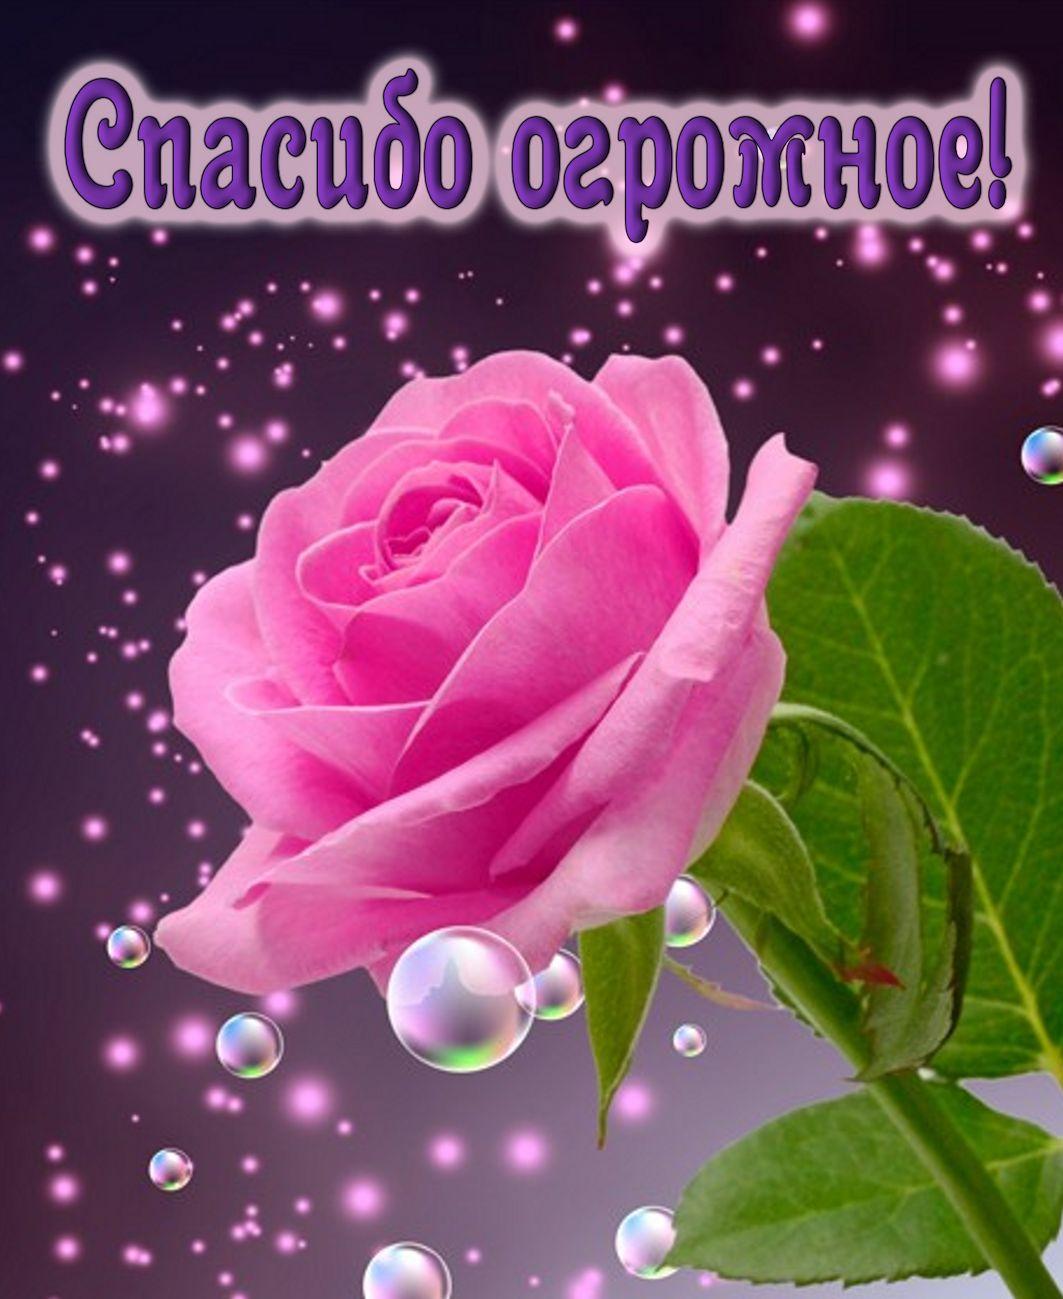 Открытка - огромная роза в знак признательности